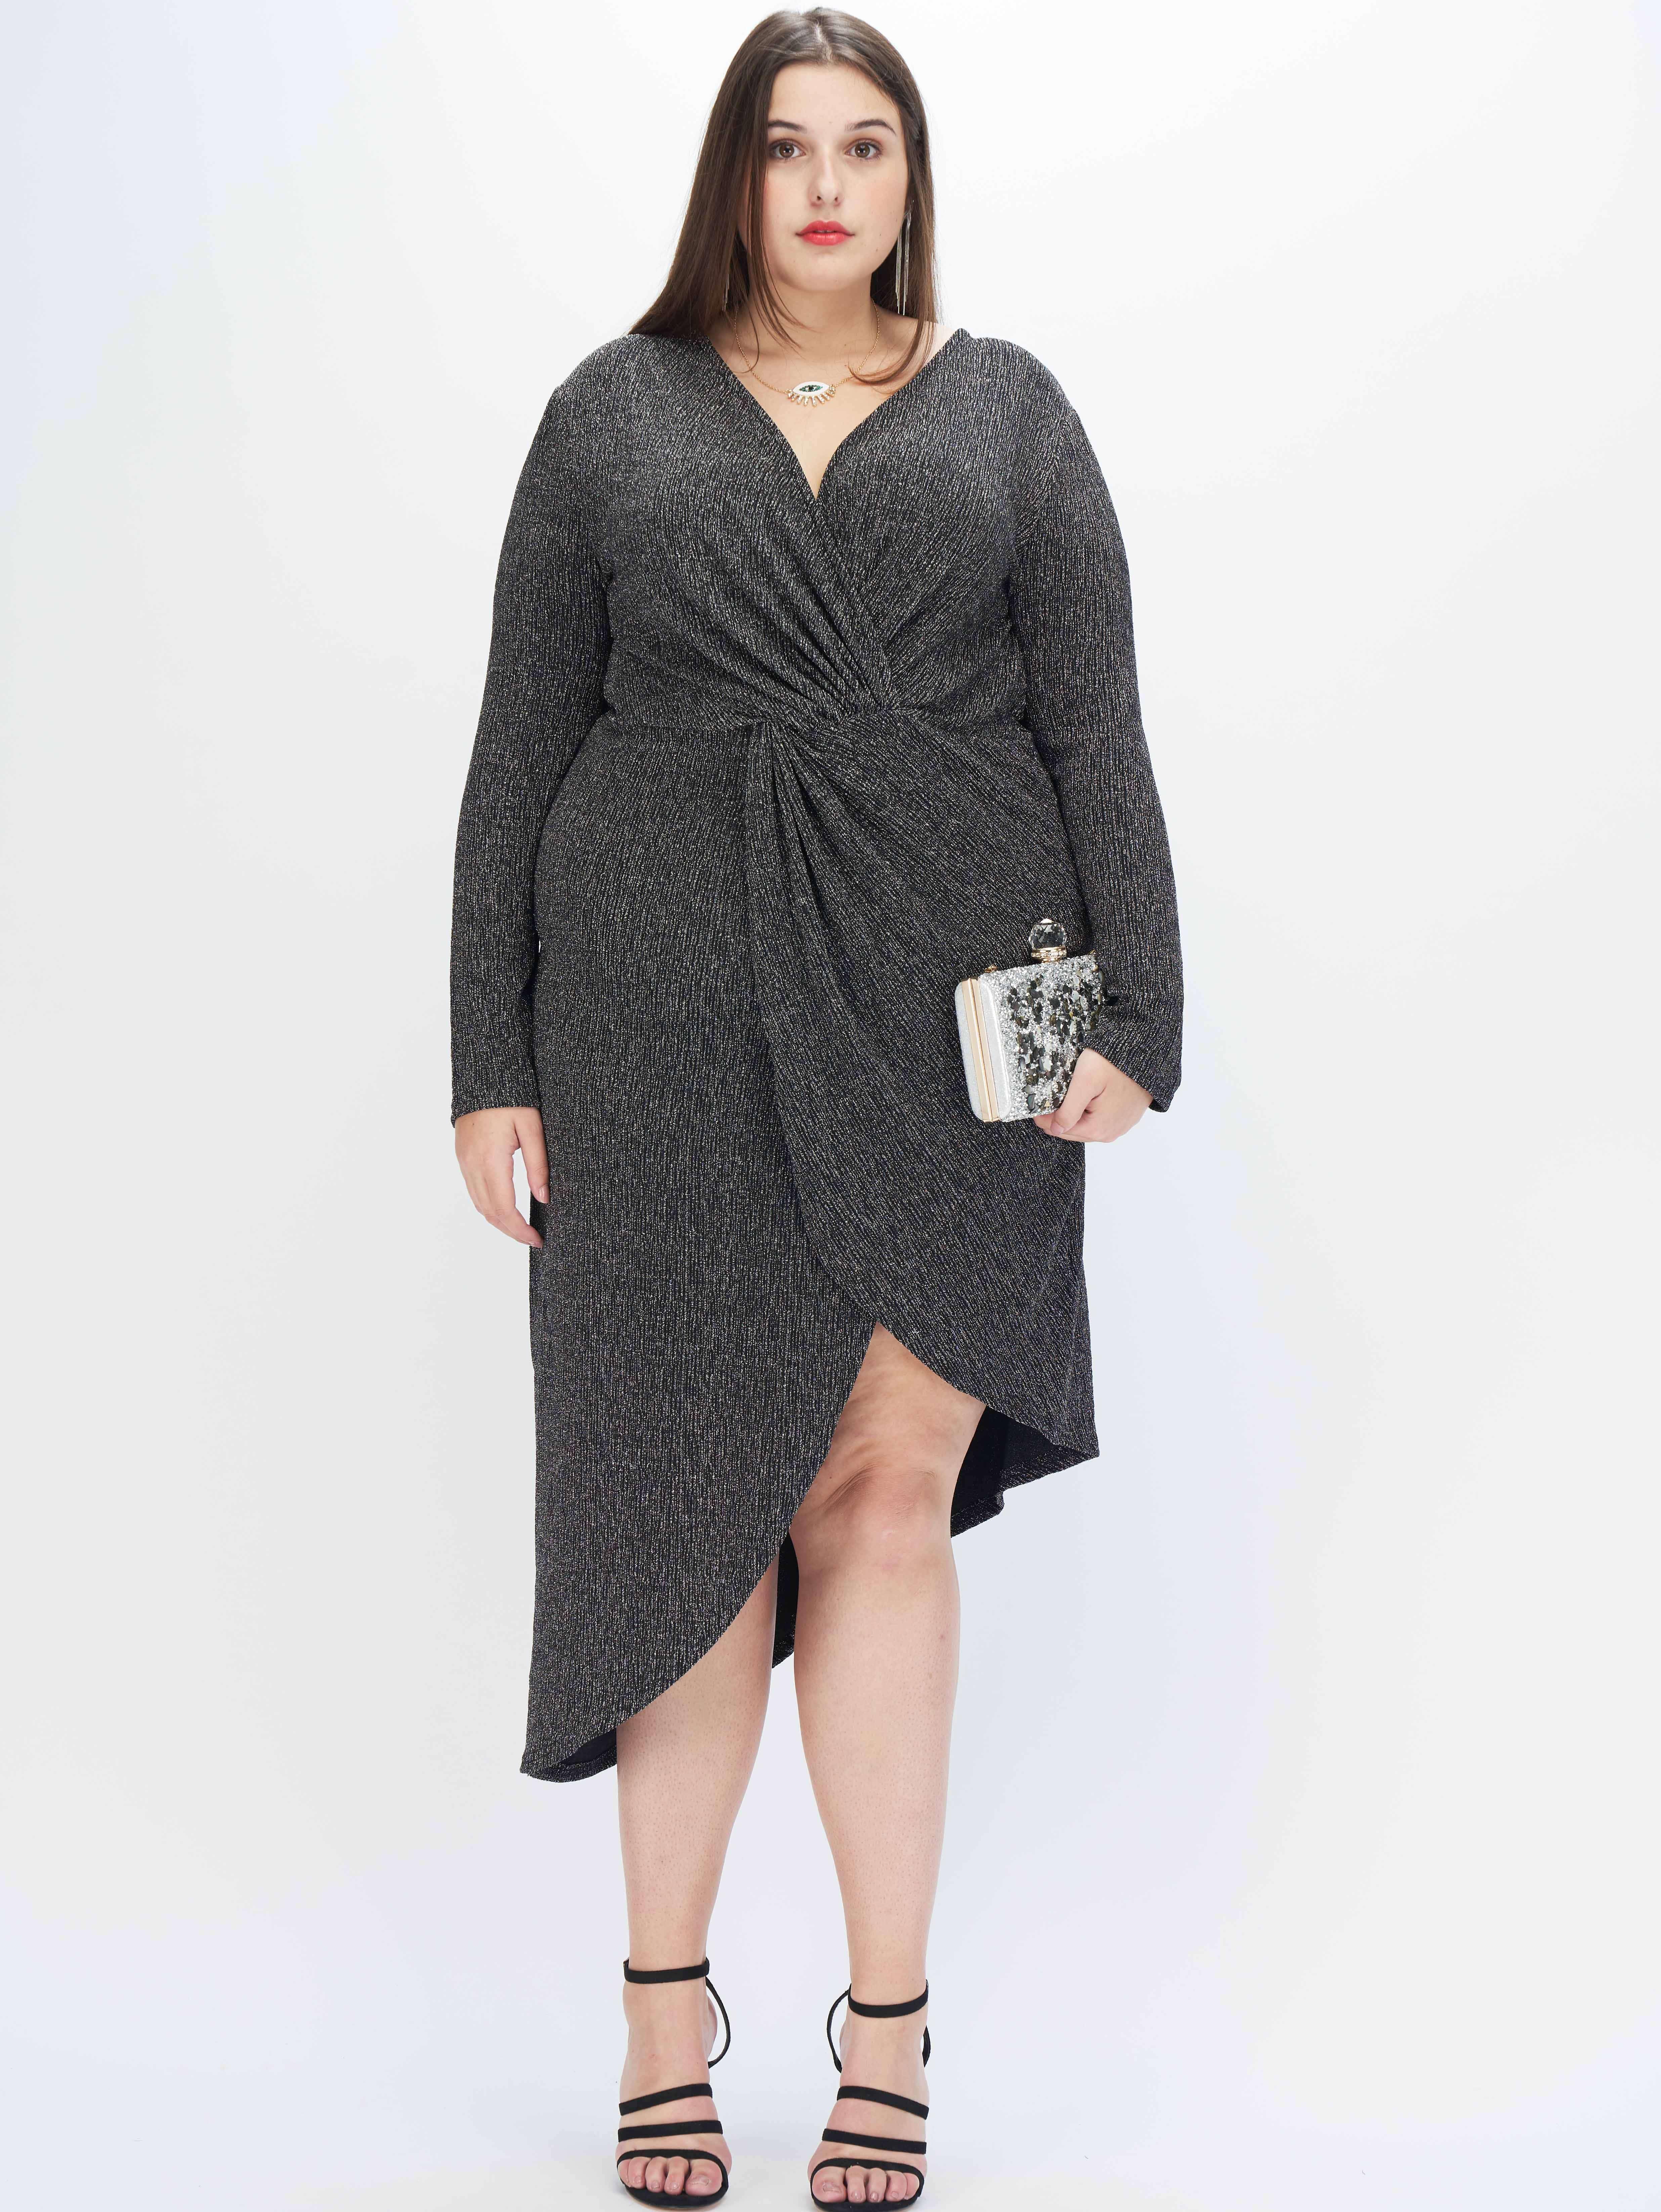 Асимметричное блестящее платье размера плюс с драпировкой